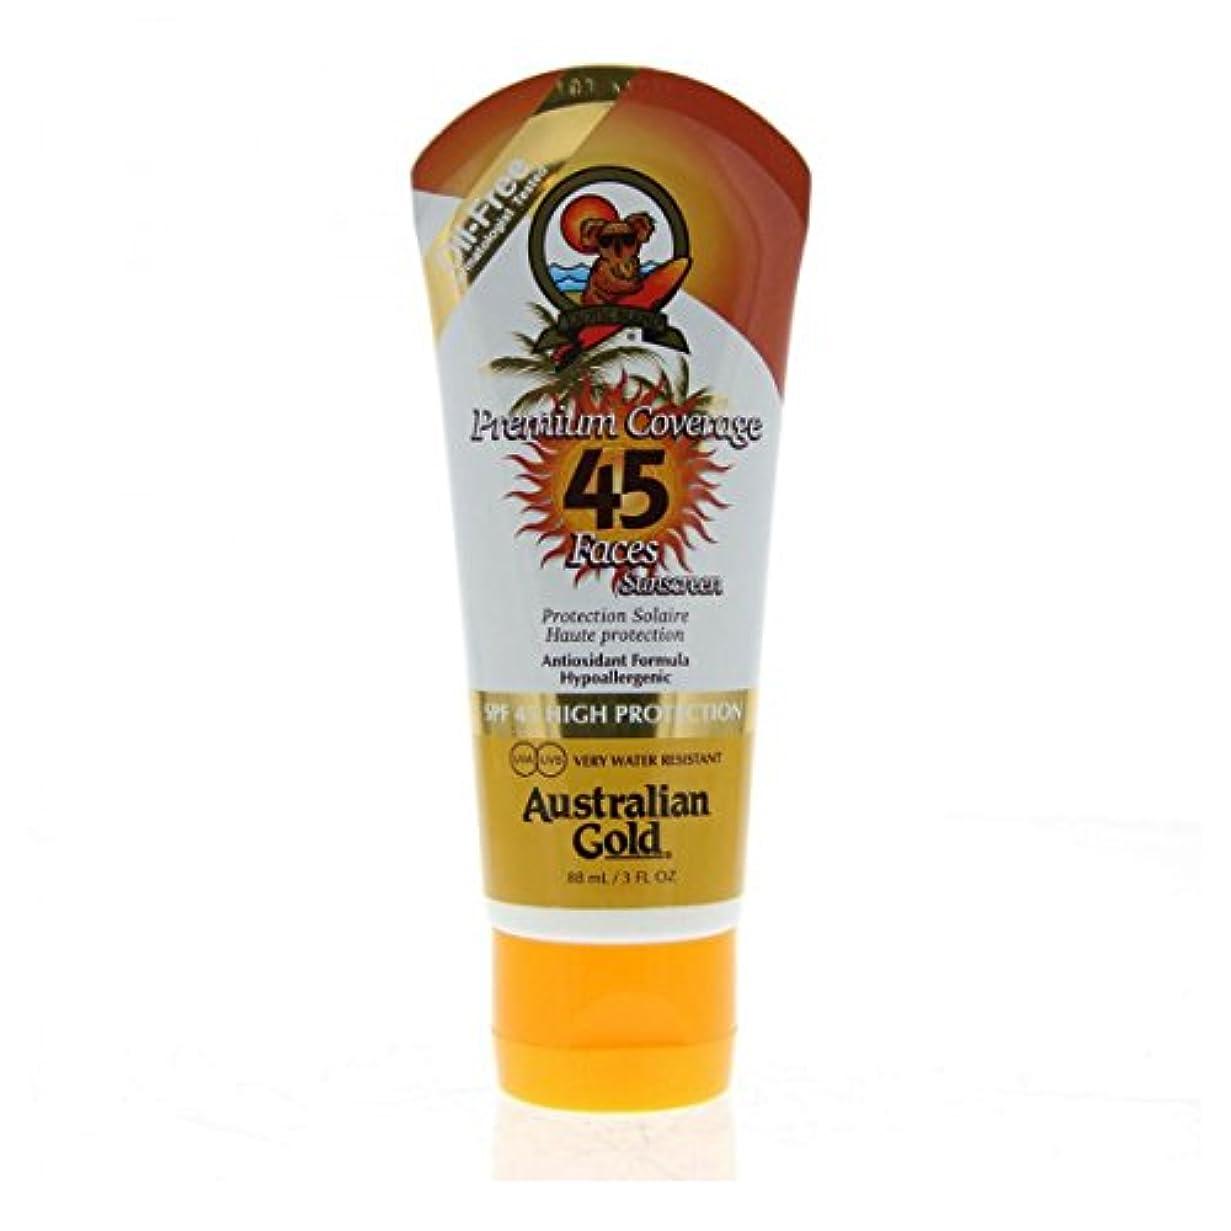 無関心縮れた同意するAustralian Gold Premium Coverage Face Spf45 88ml [並行輸入品]